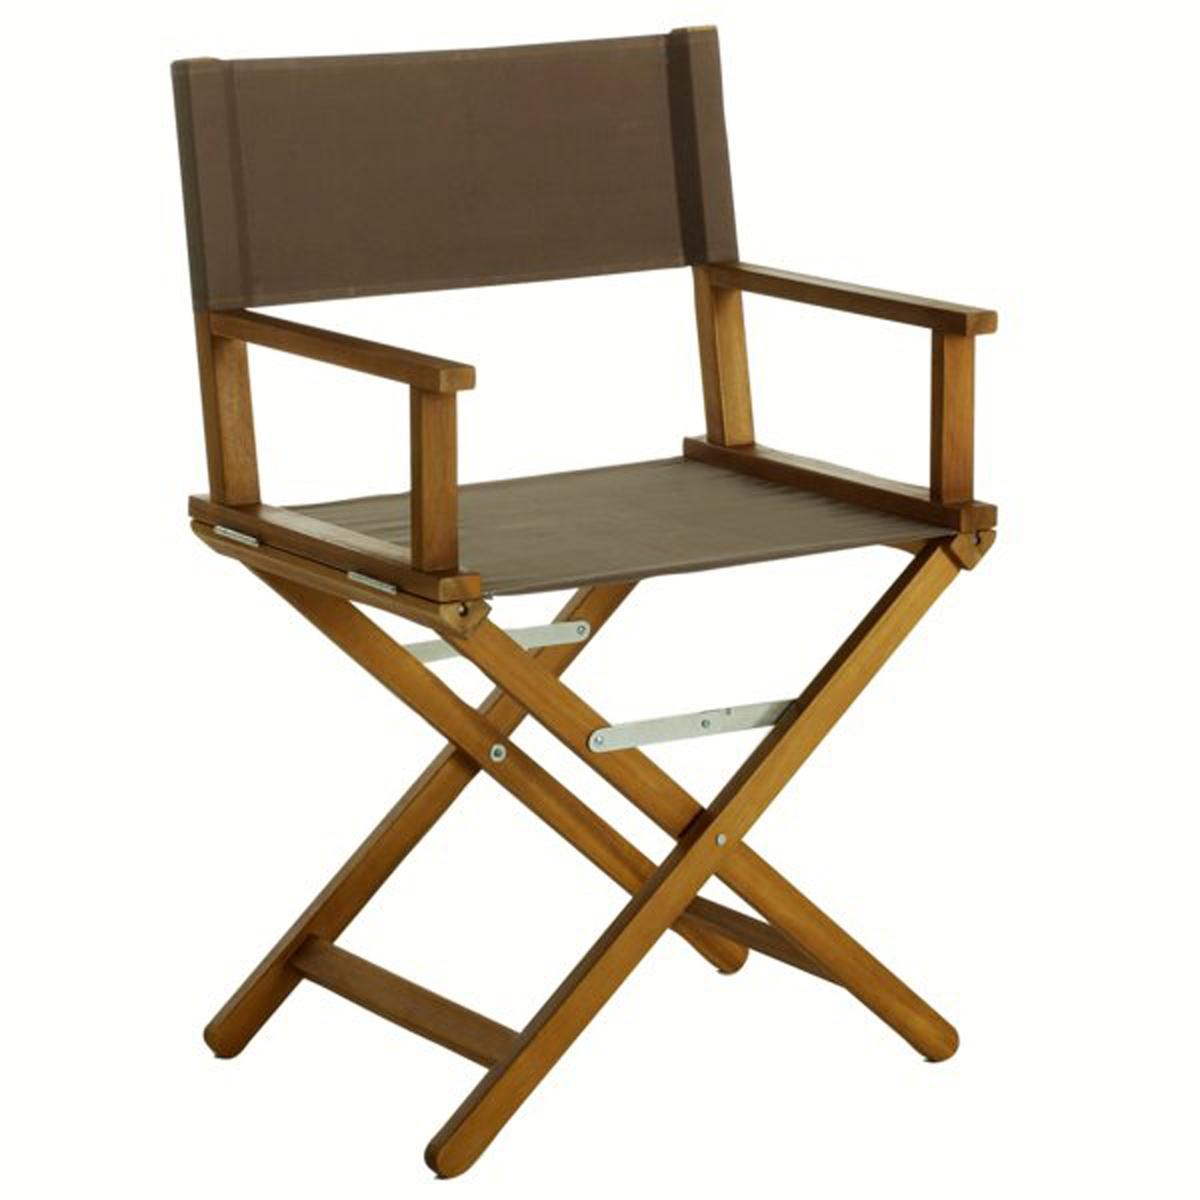 Кресло кинорежиссераХарактеристики кресла :Из акации с масляной пропиткой. - Покрытие  100% полиэстера .- Полностью складное .Поставляется  собранным, в сложенном виде .Размеры :- Общие: L56/57,5 x H88 x P43 см. Это кресло кинорежиссера для экстерьера может быть доставлено (без доплаты), если необходимо, до вашей квартиры.Вы можете обменять или вернуть кресло в течение 15 дней, предварительно оговорив это при покупке.<br><br>Цвет: в полоску разноцветный,изумрудный,серо-коричневый<br>Размер: единый размер